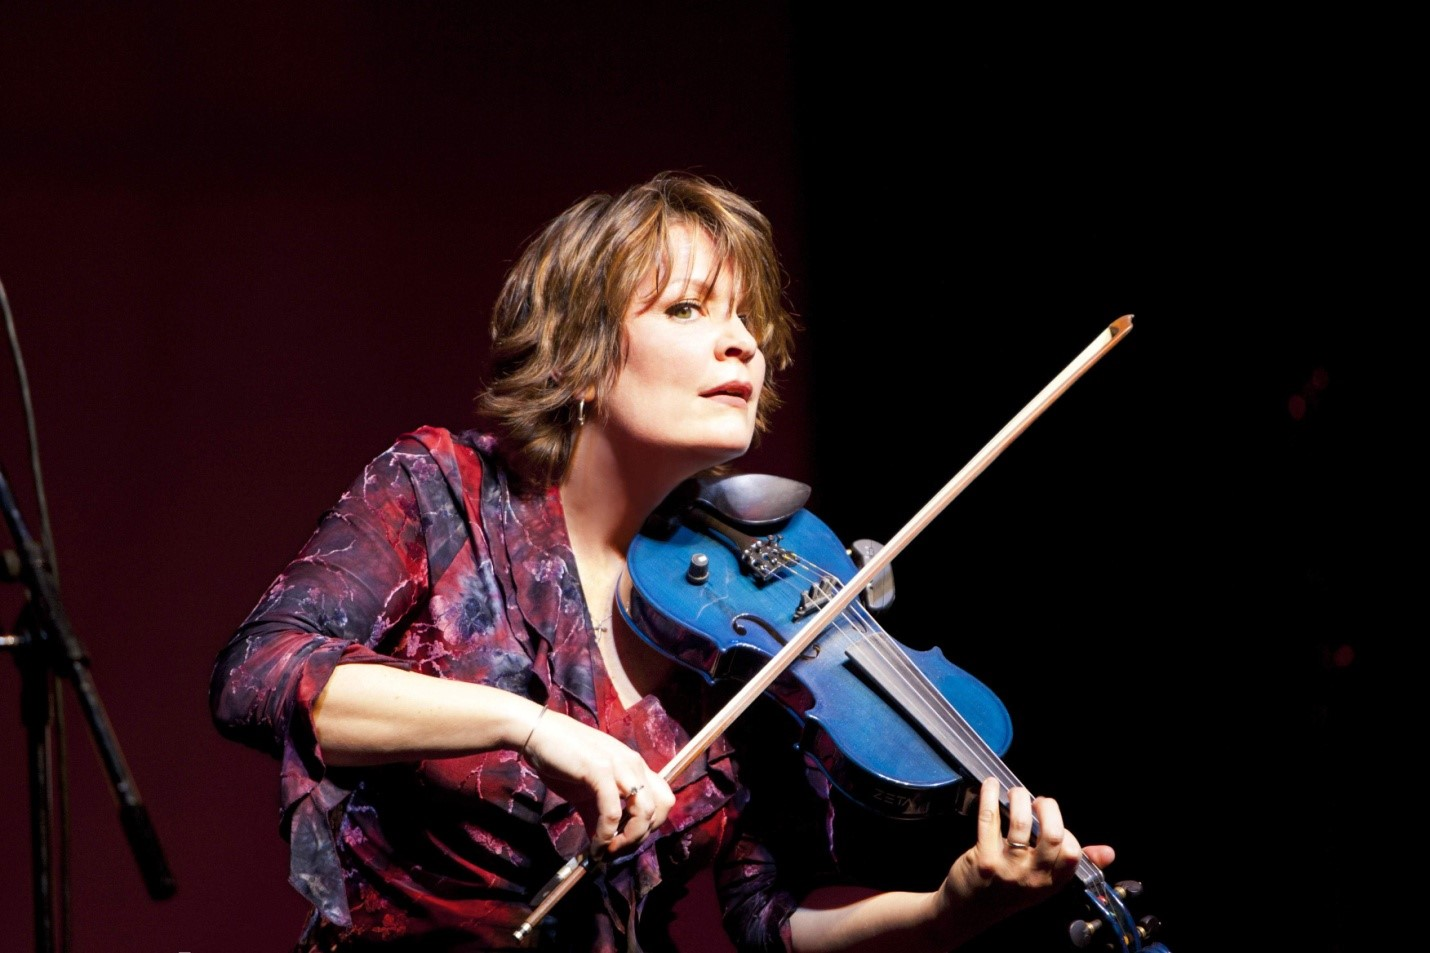 Eileen_Ivers_Musician